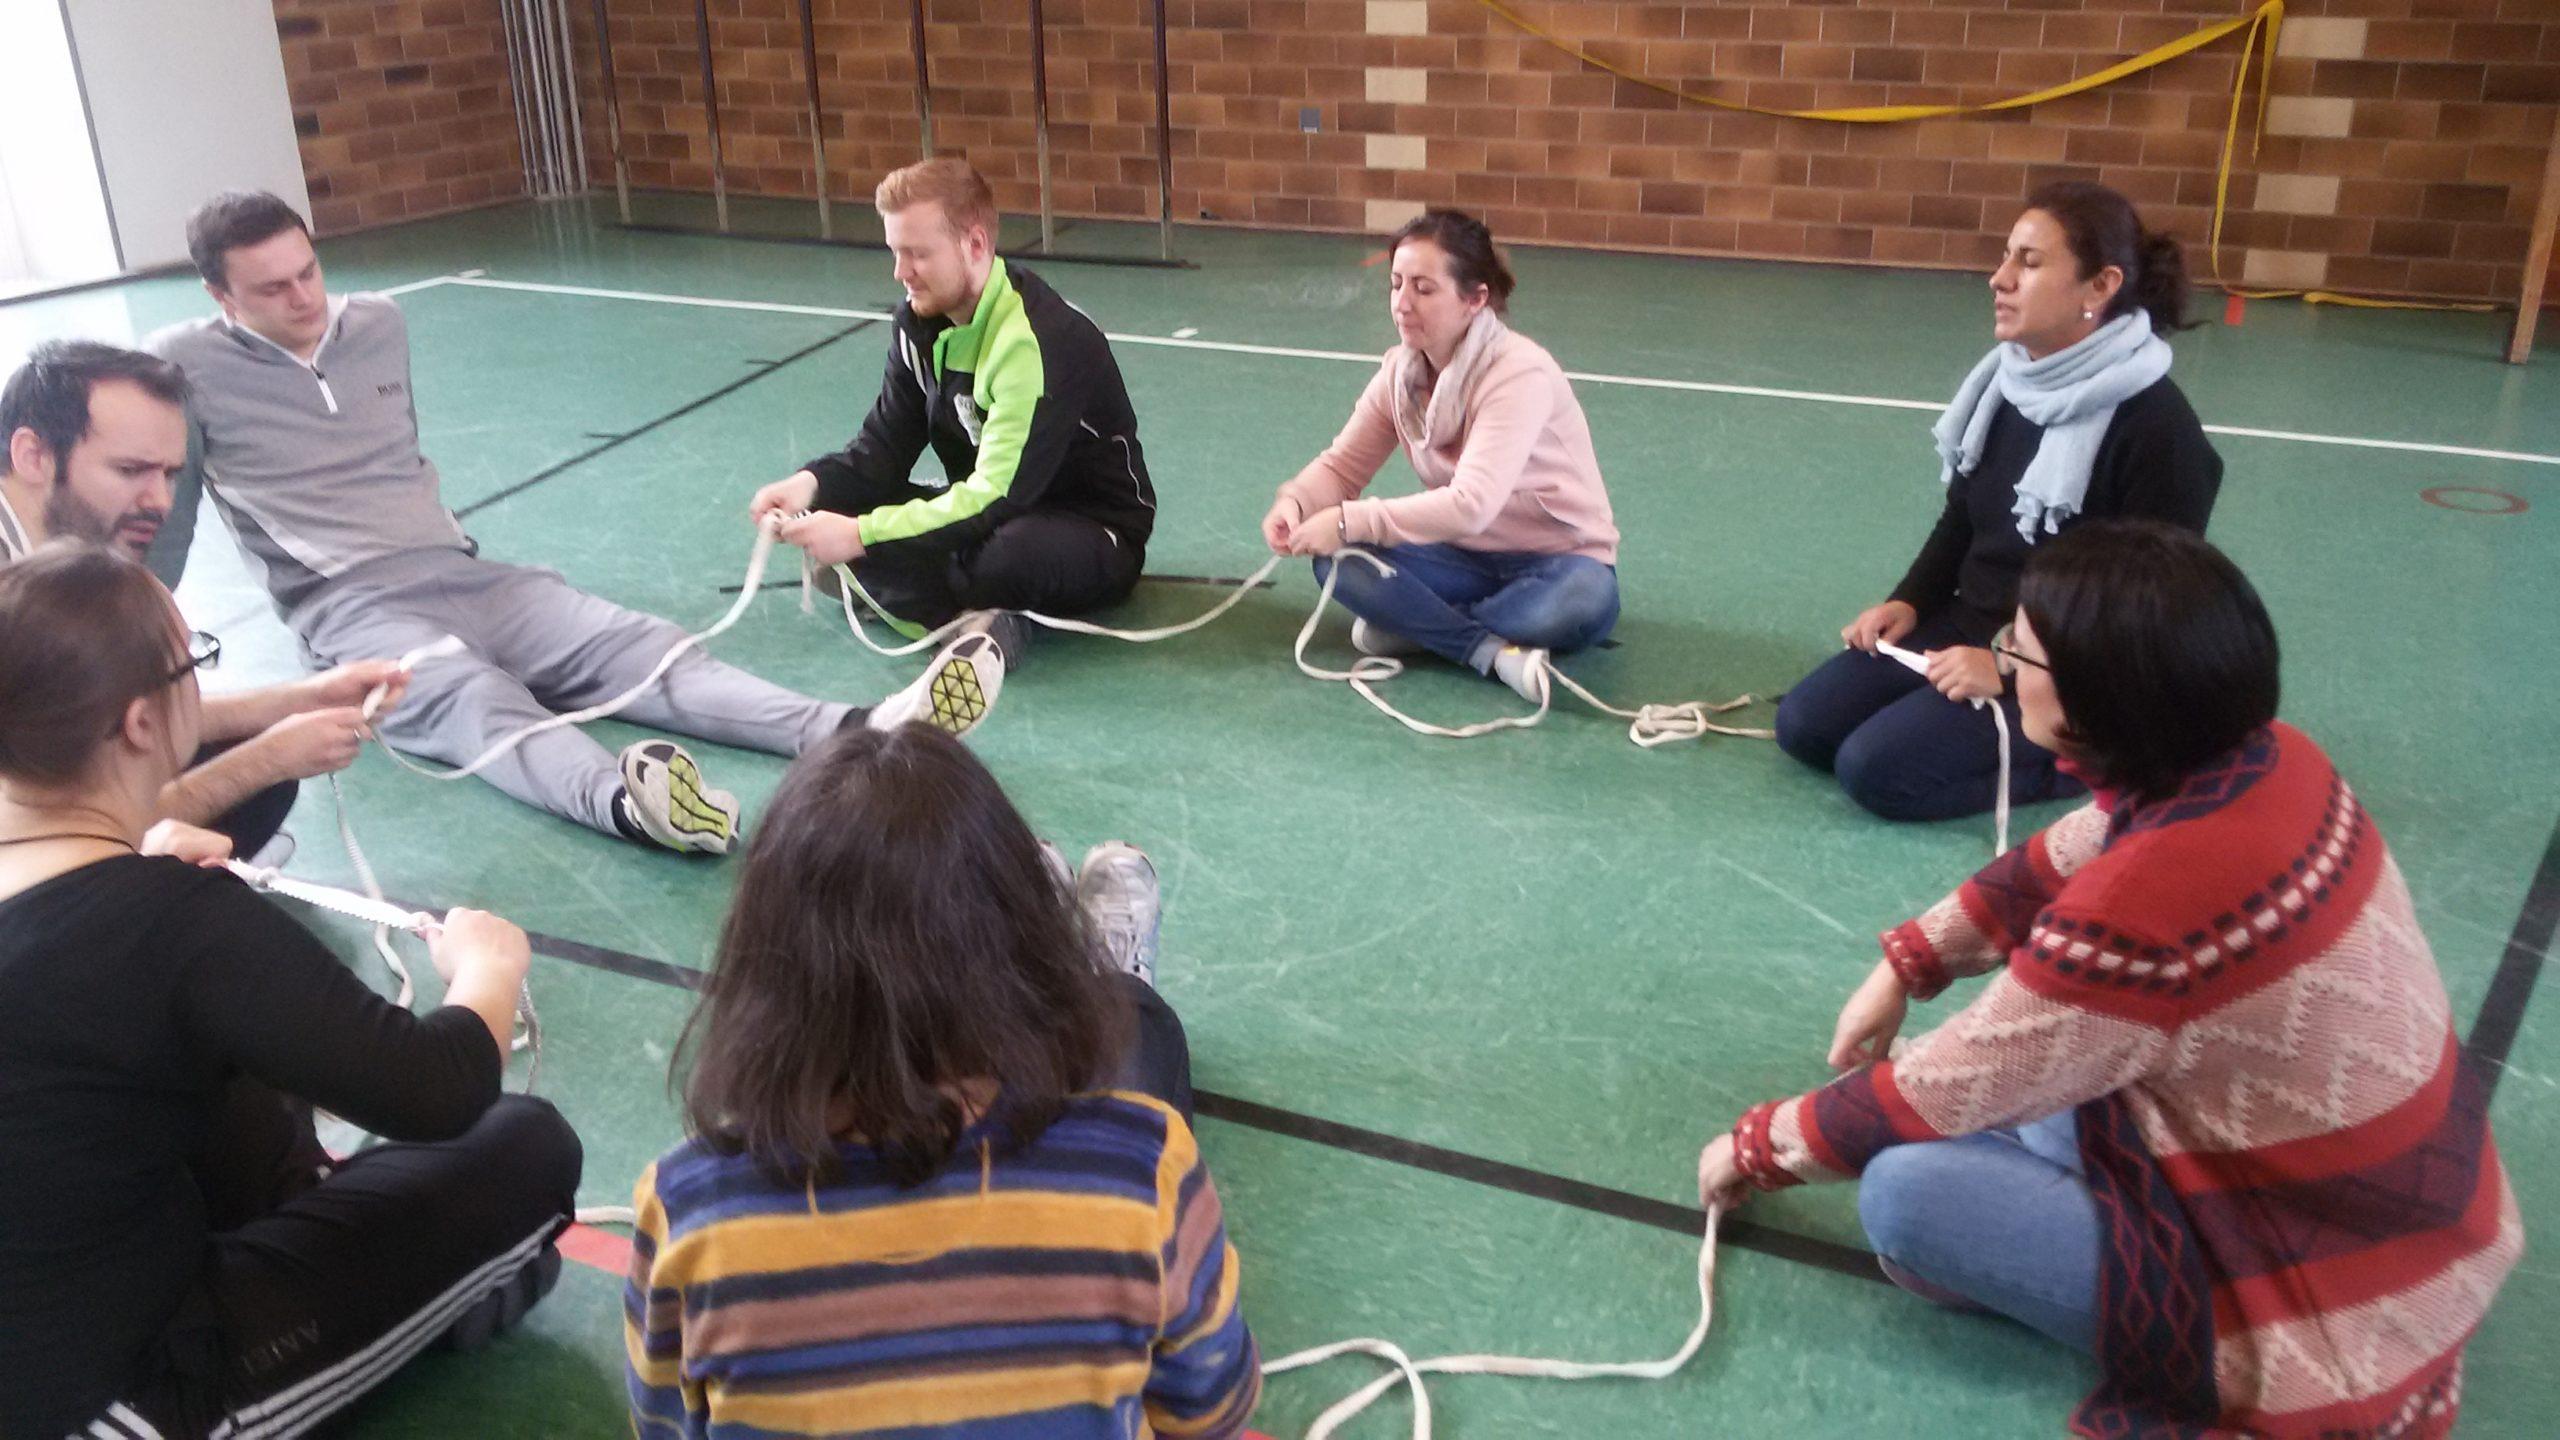 Spielerisch Teamgeist erleben: Erlebnispädagogik